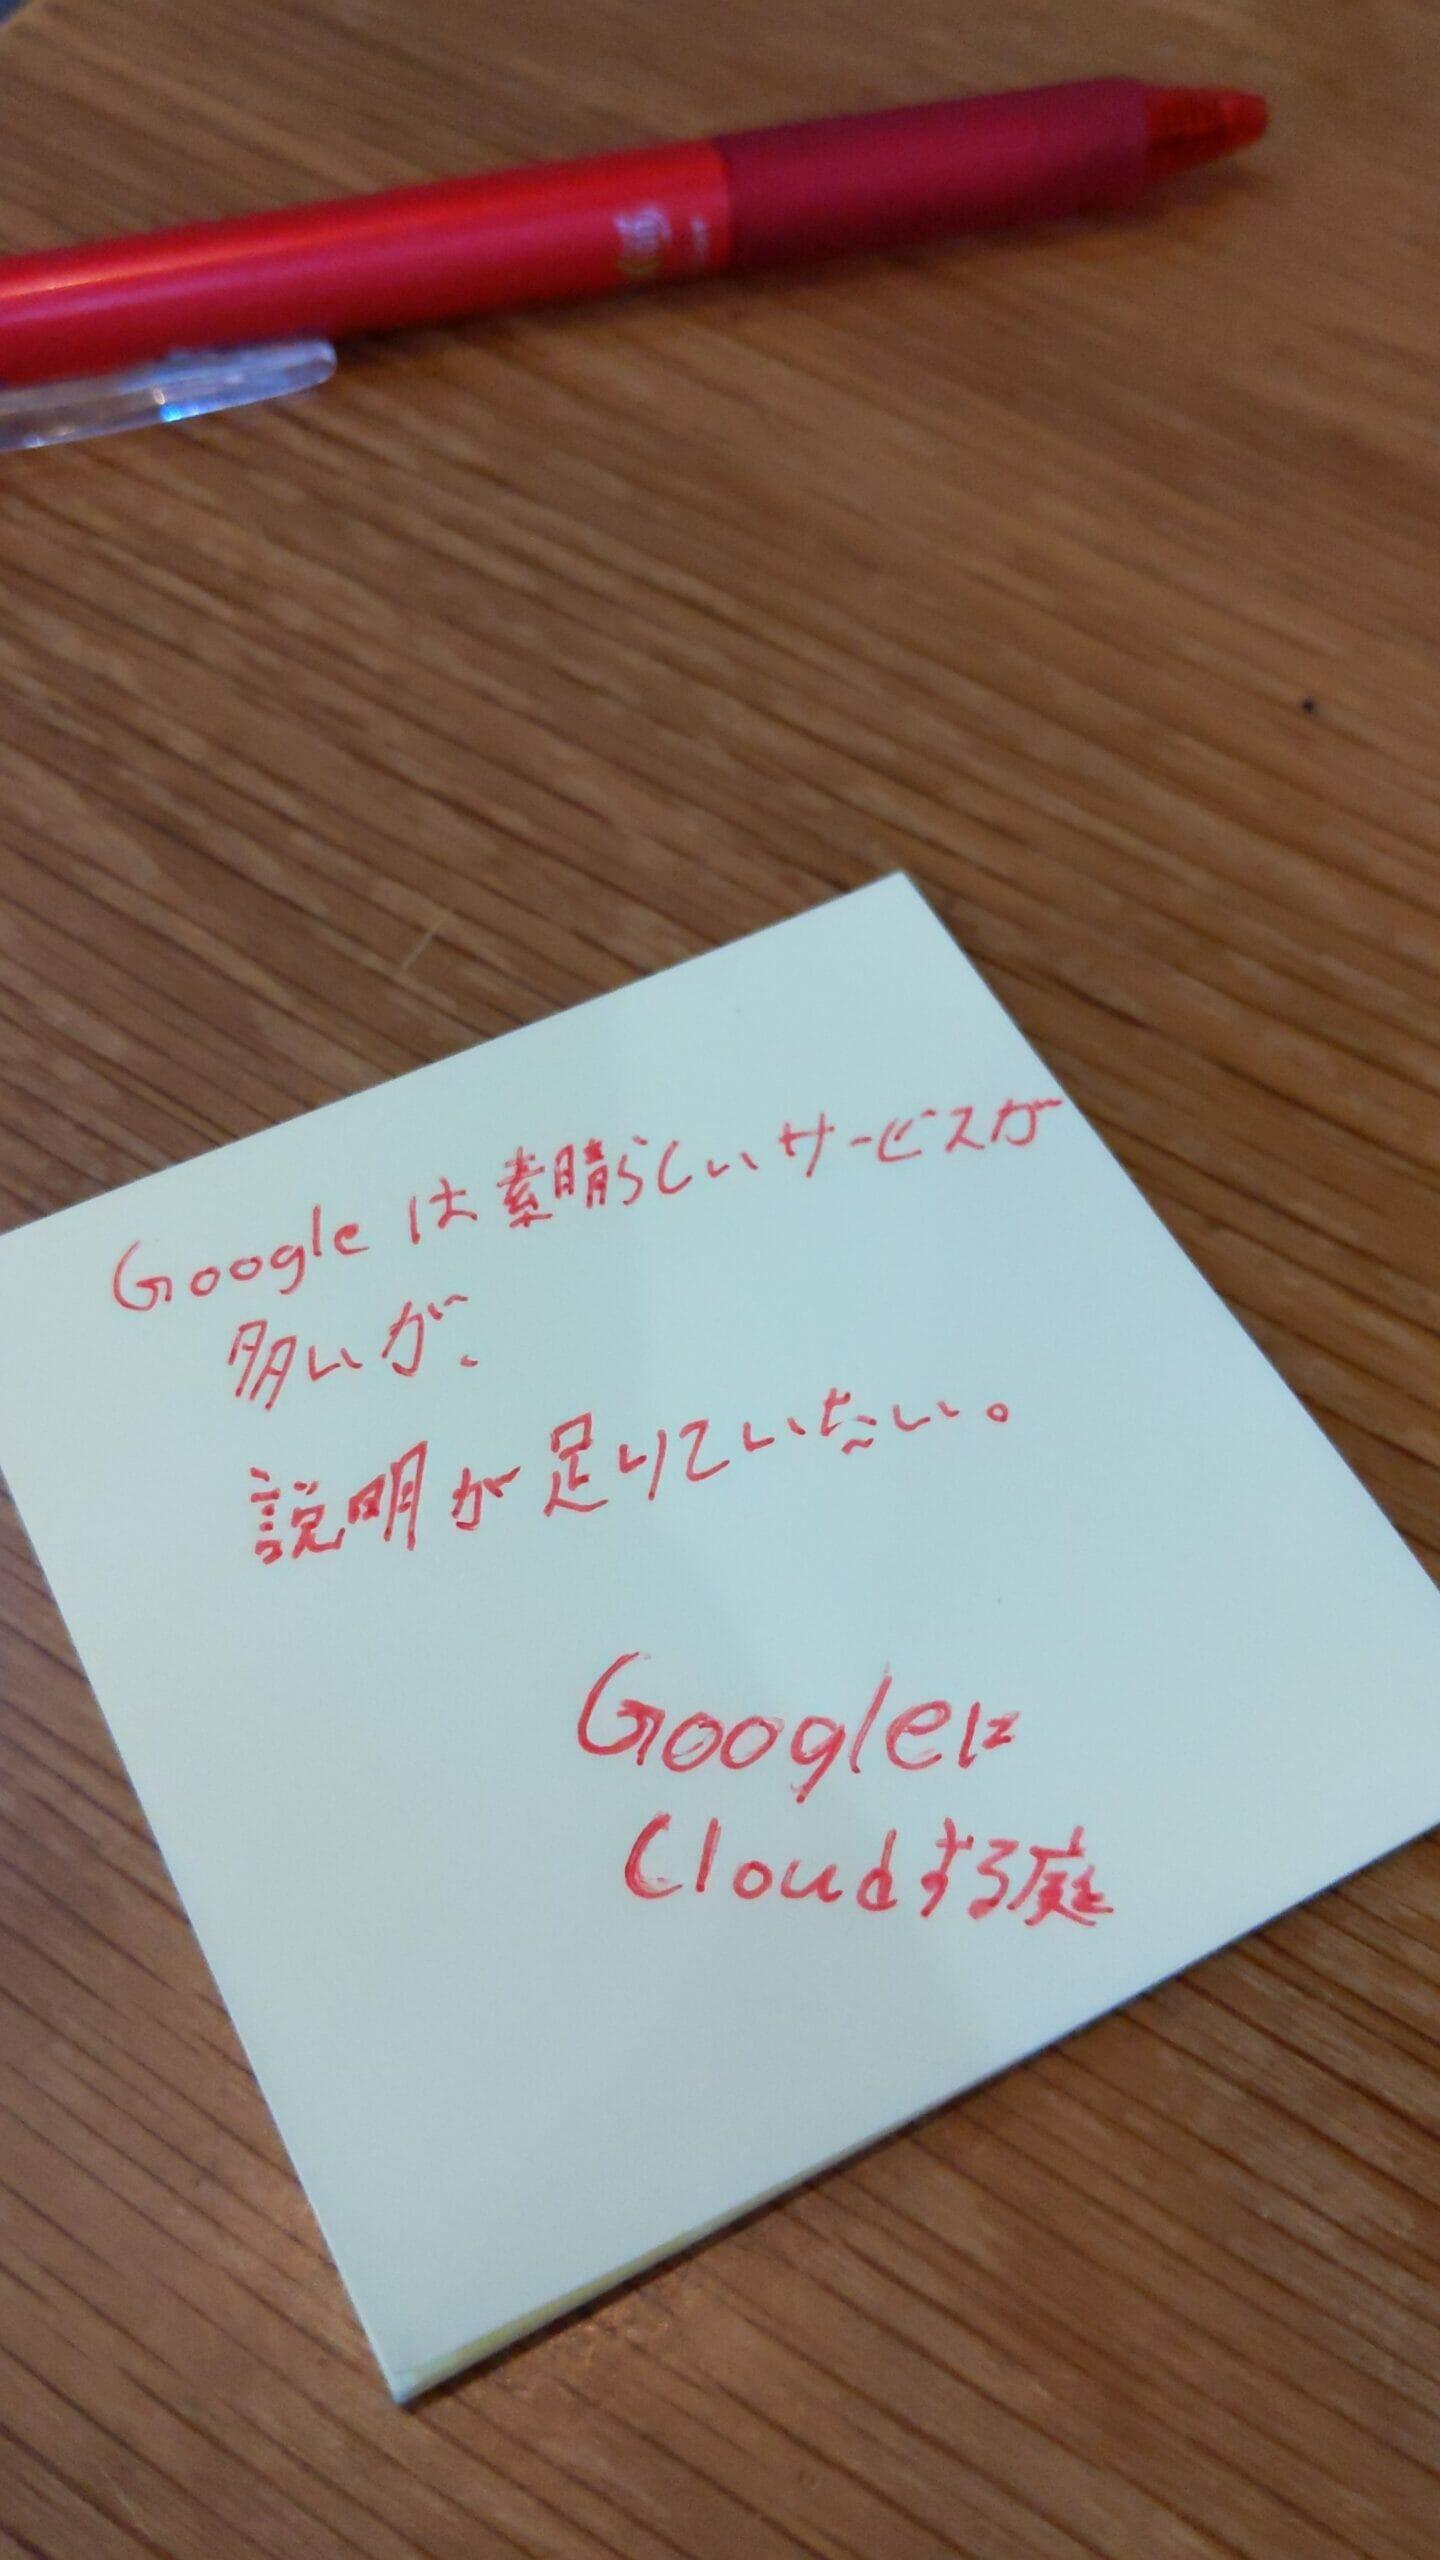 手書きの日本語文章